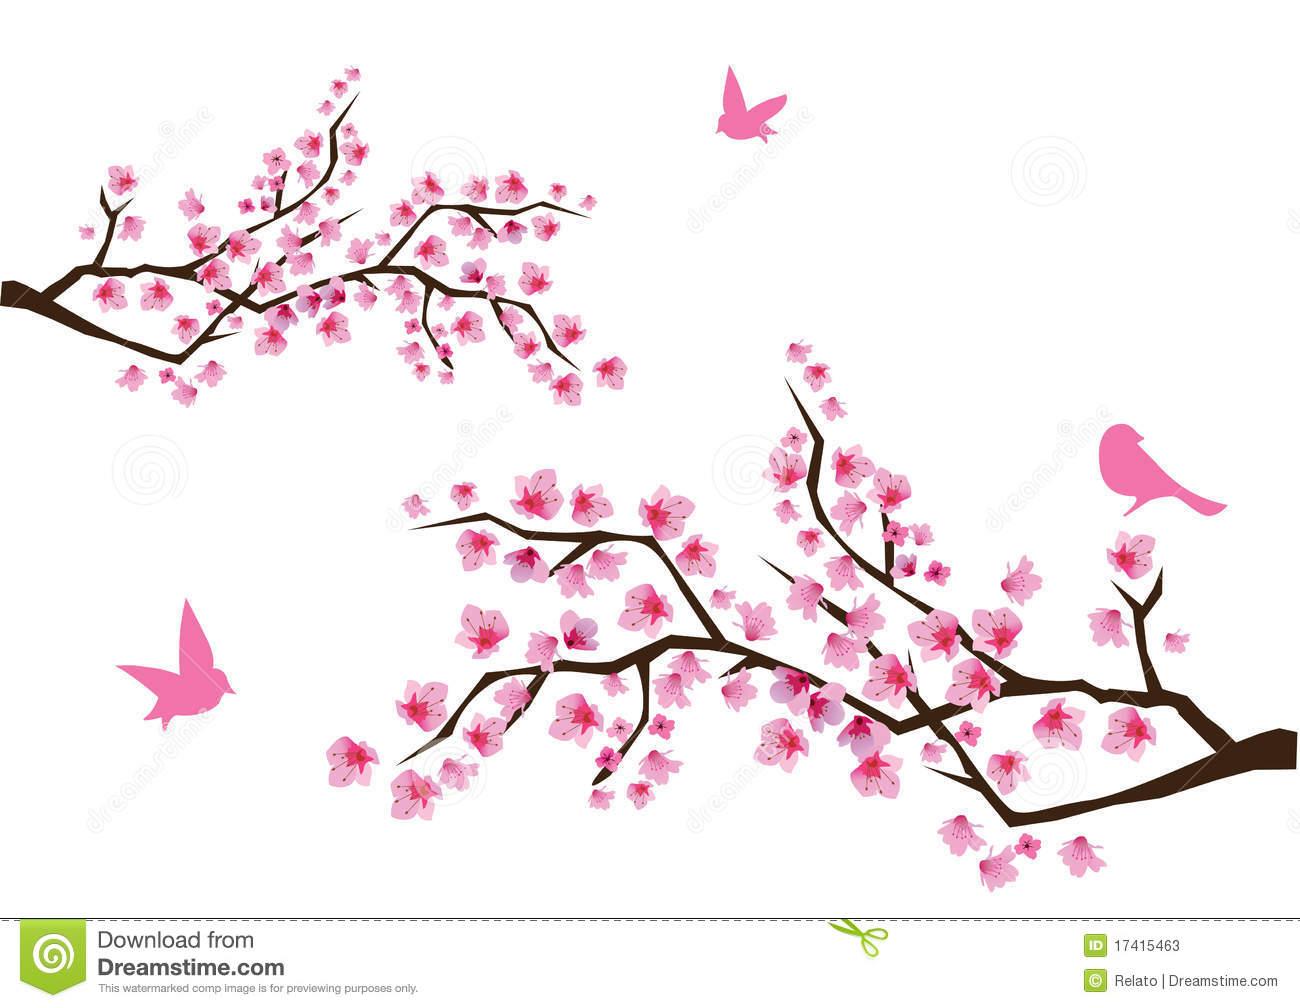 cherry blossoms | Cherry blossom